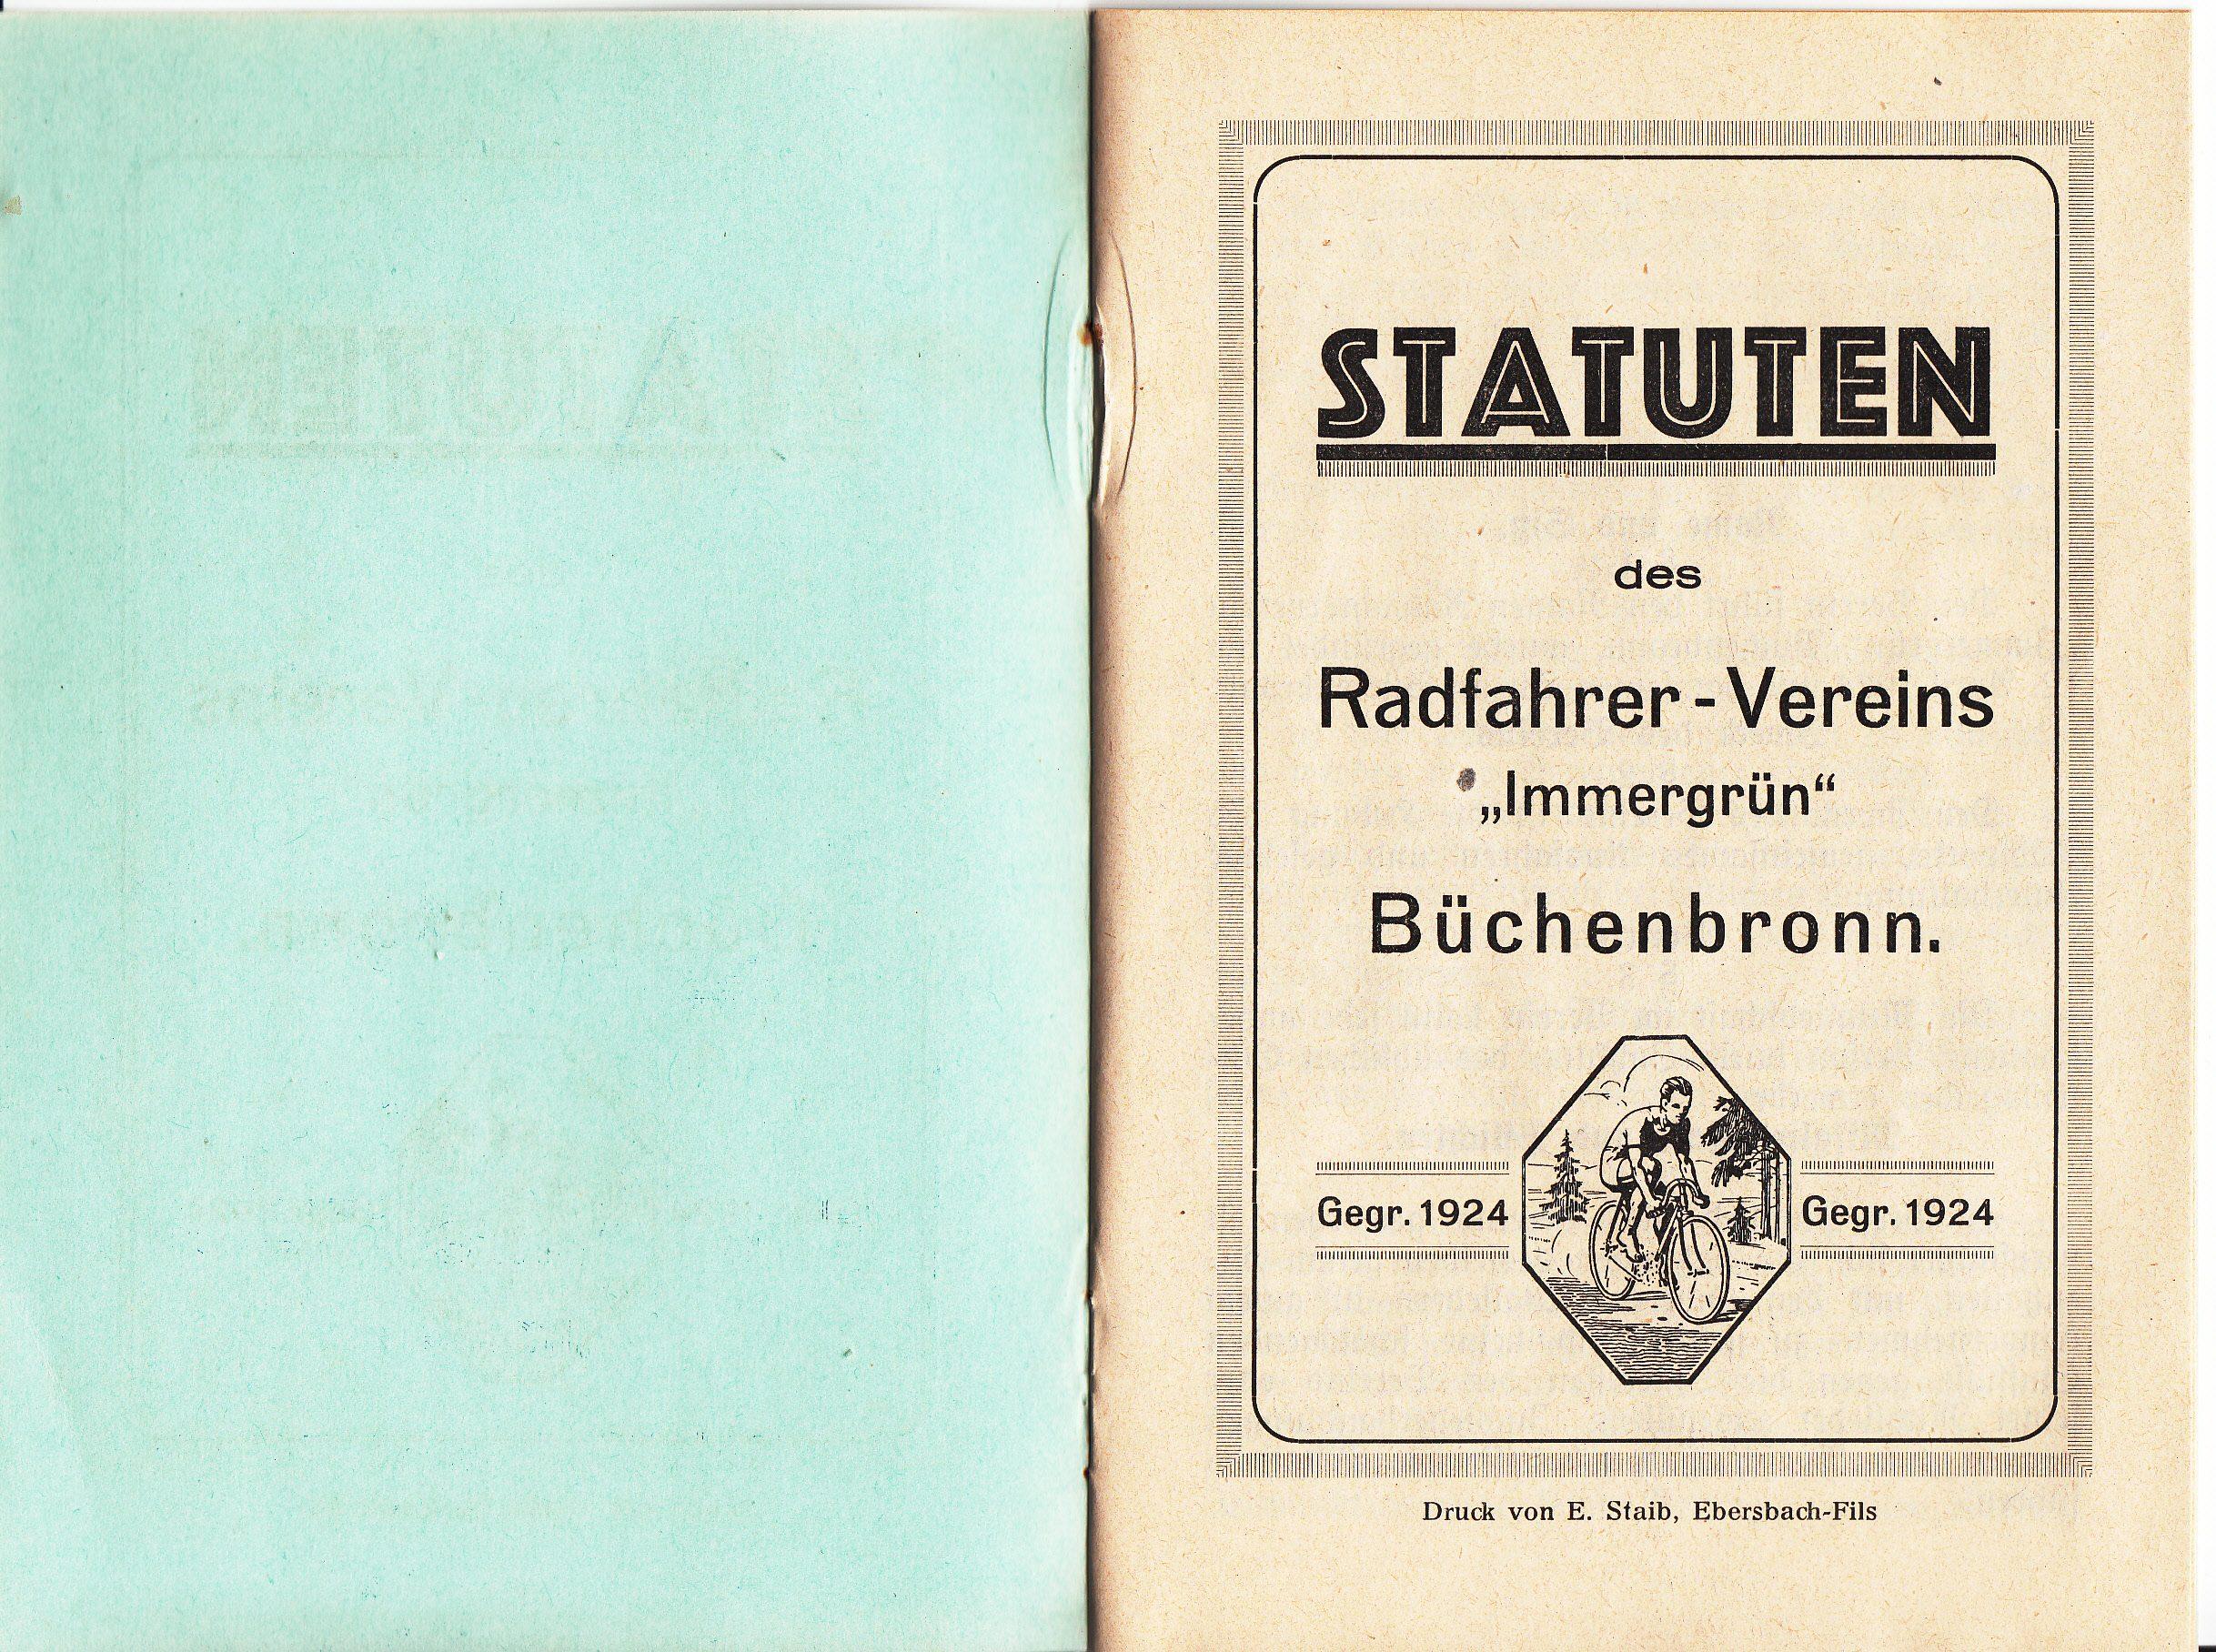 Statuten des Radfahrer-Vereins